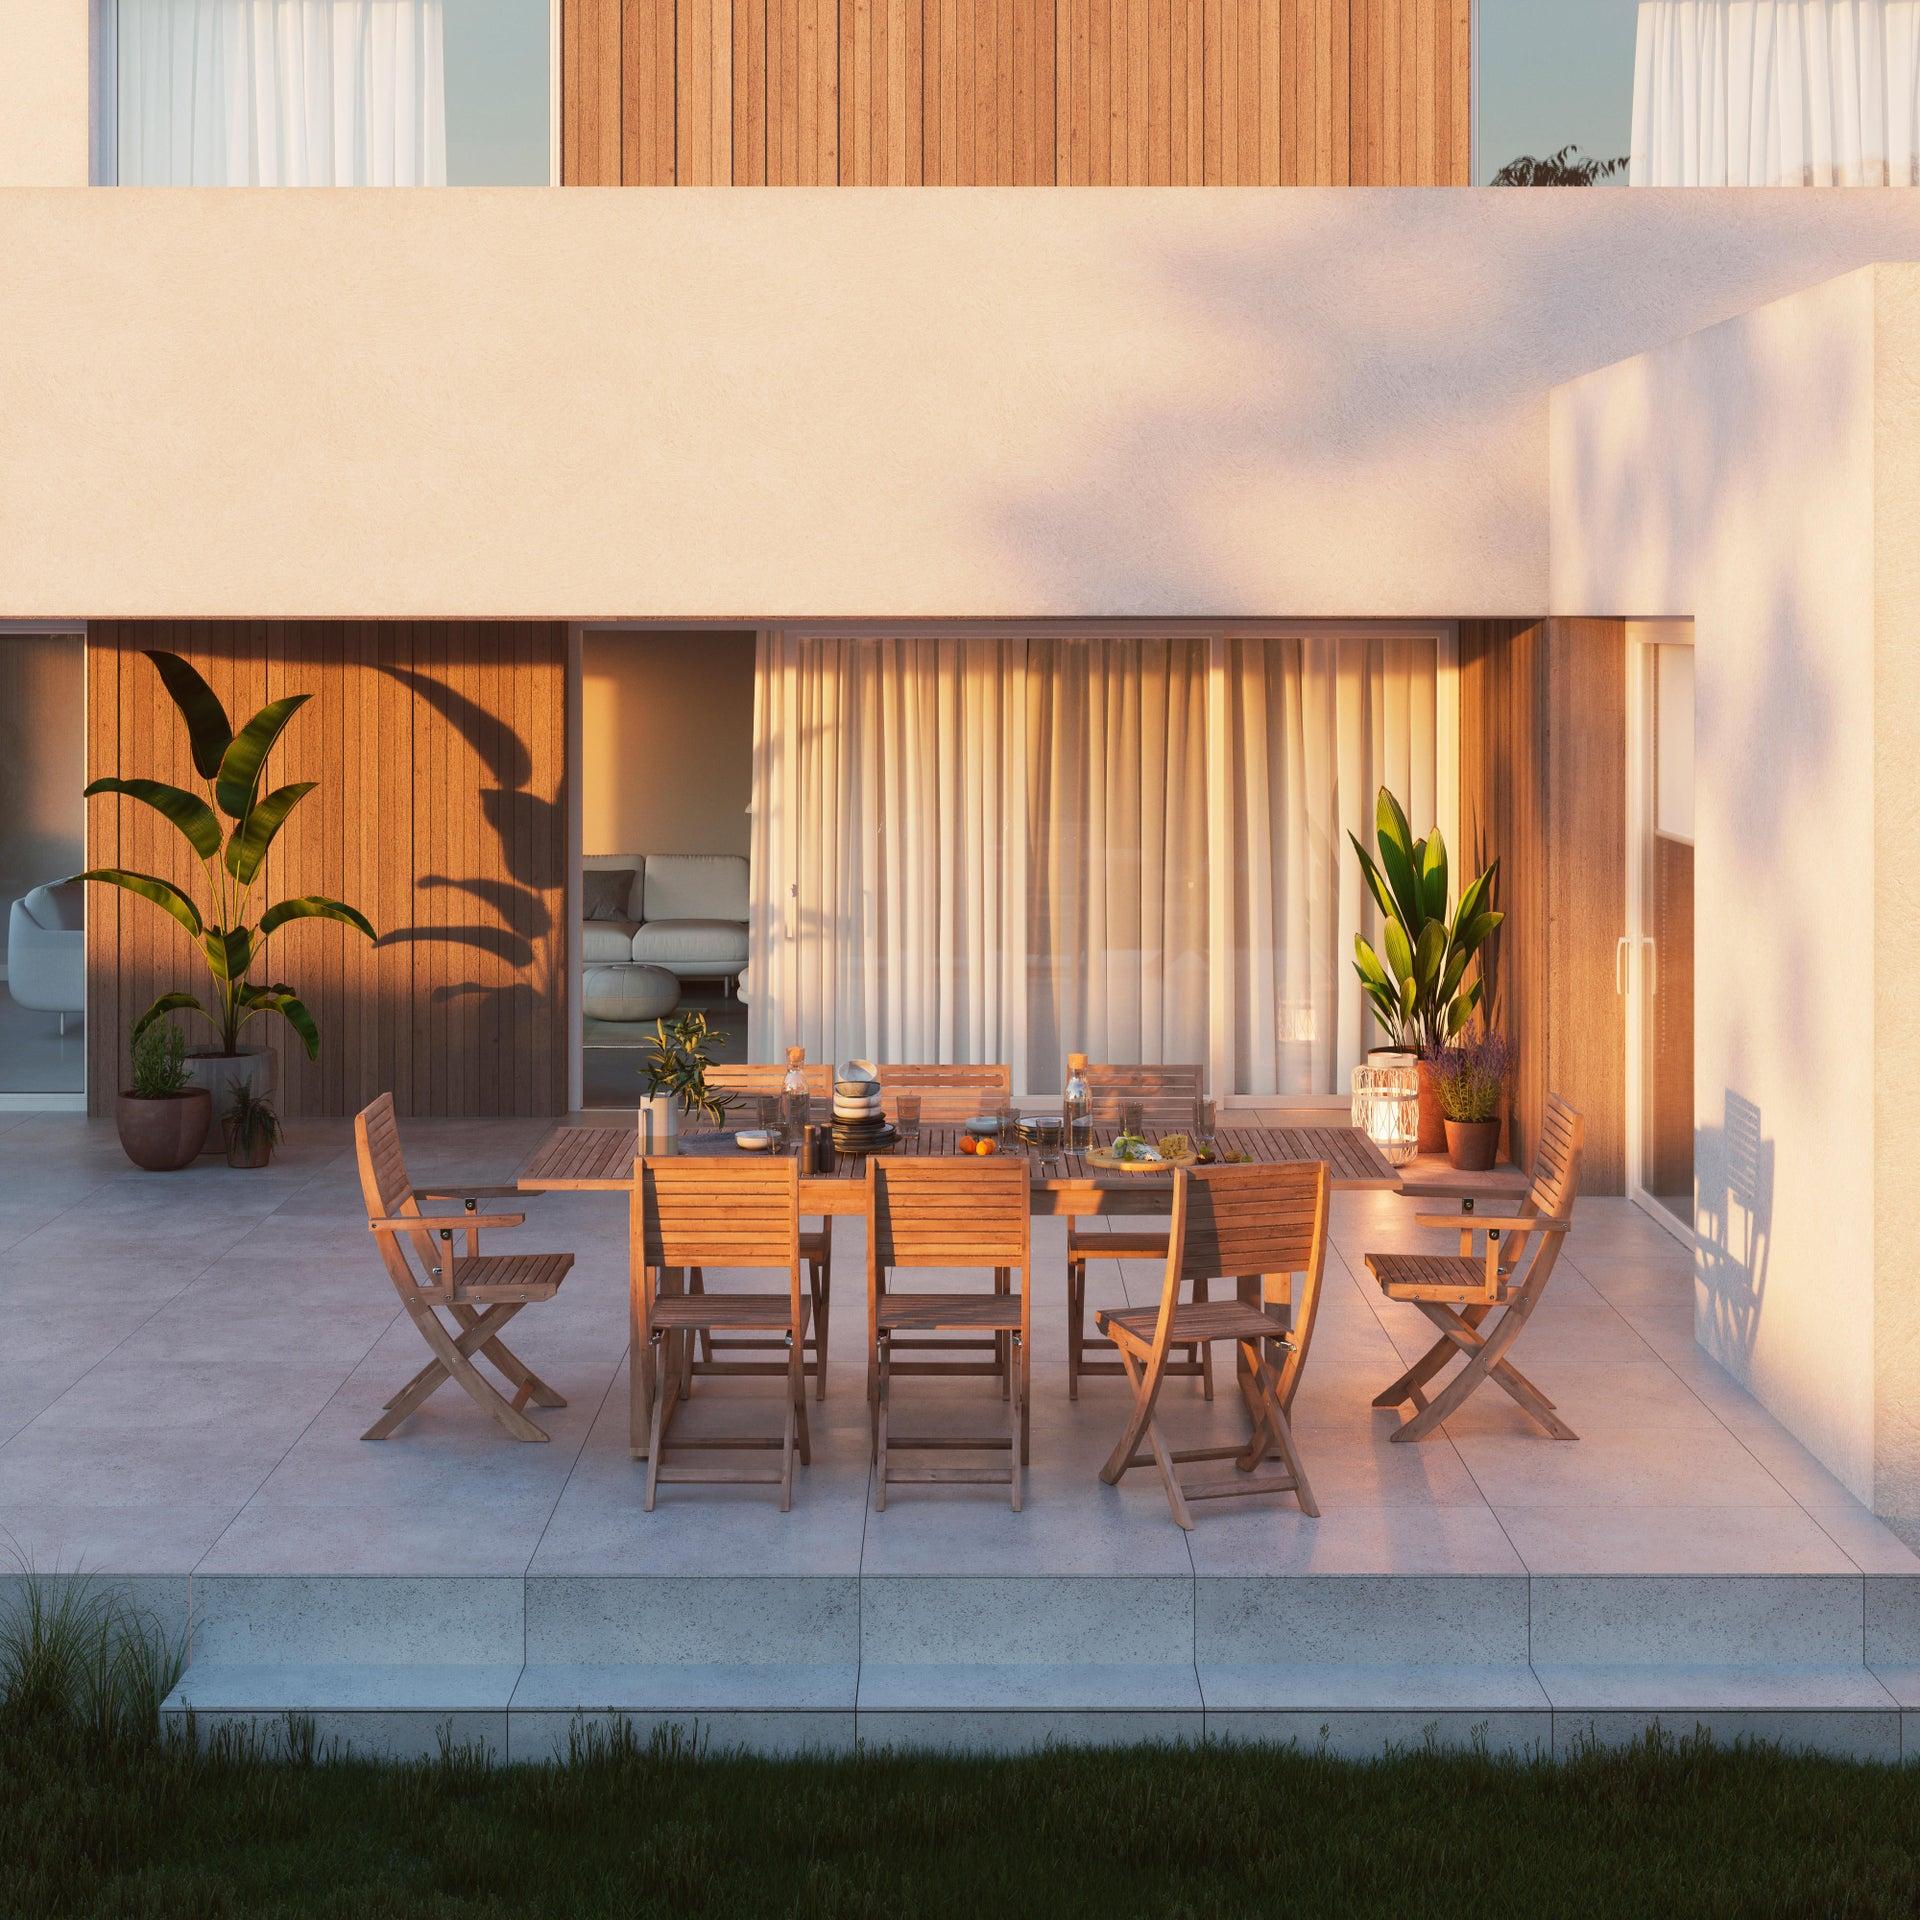 Sedia con braccioli senza cuscino pieghevole in legno Solaris NATERIAL colore acacia - 4